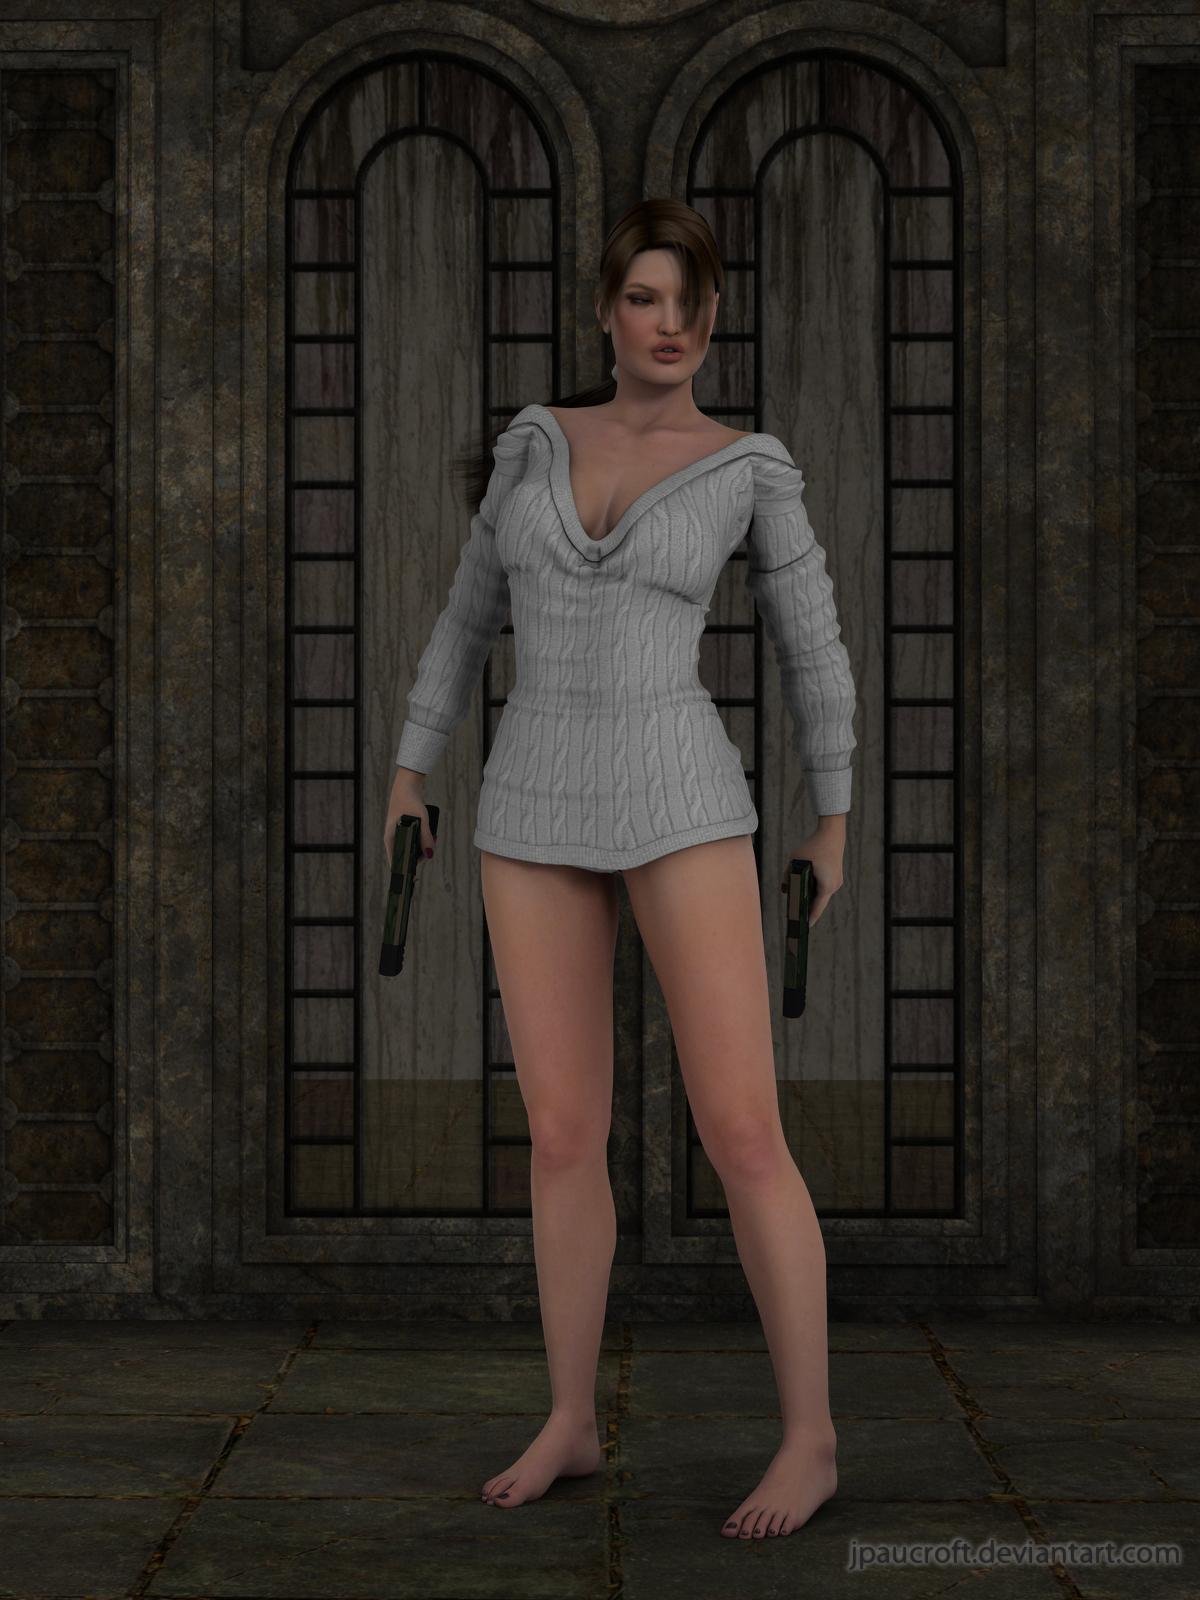 Lara Underground Manor by JpauCroft